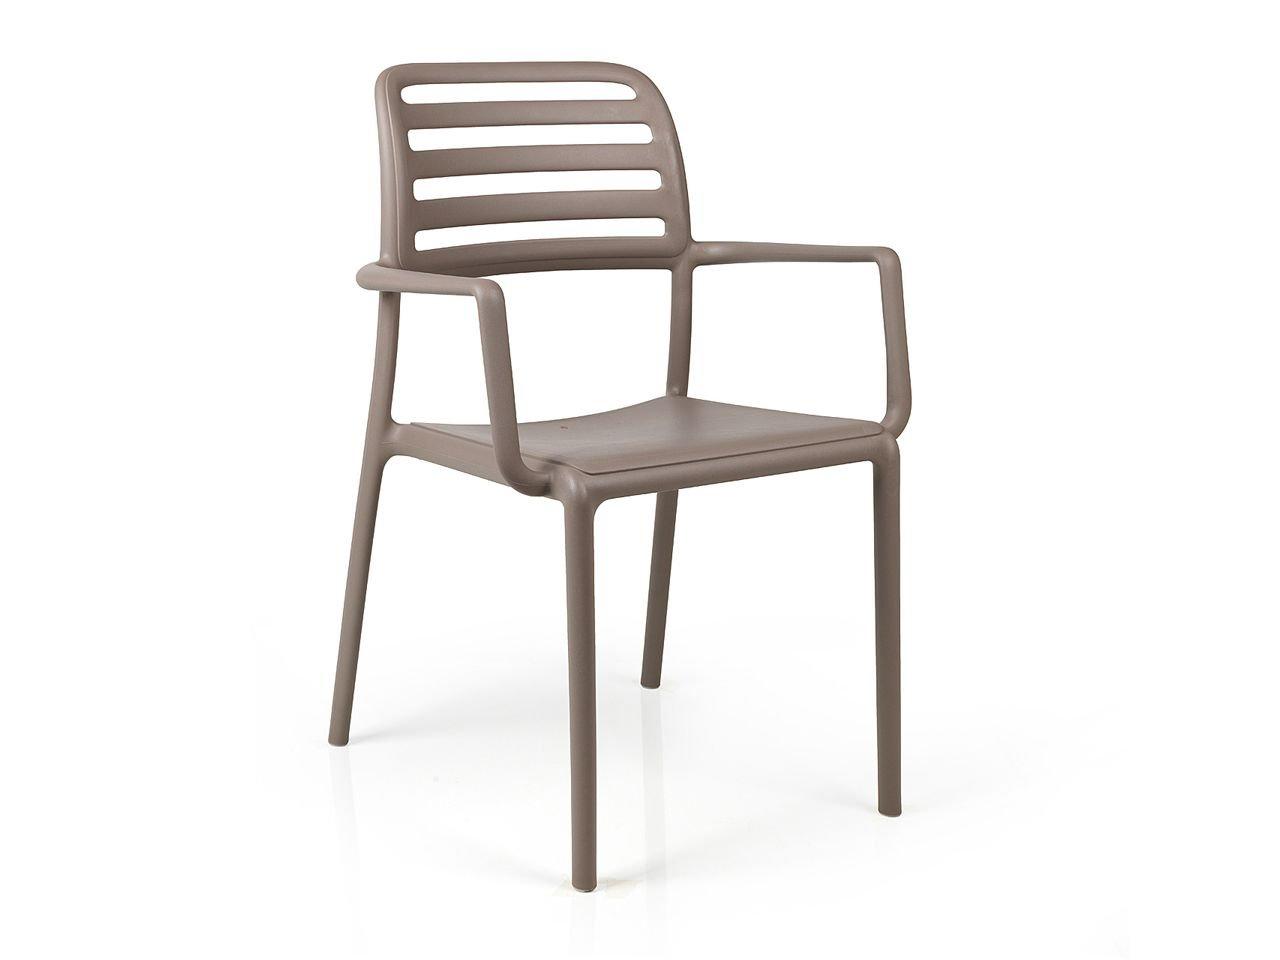 Sedia con braccioli Costa - v7